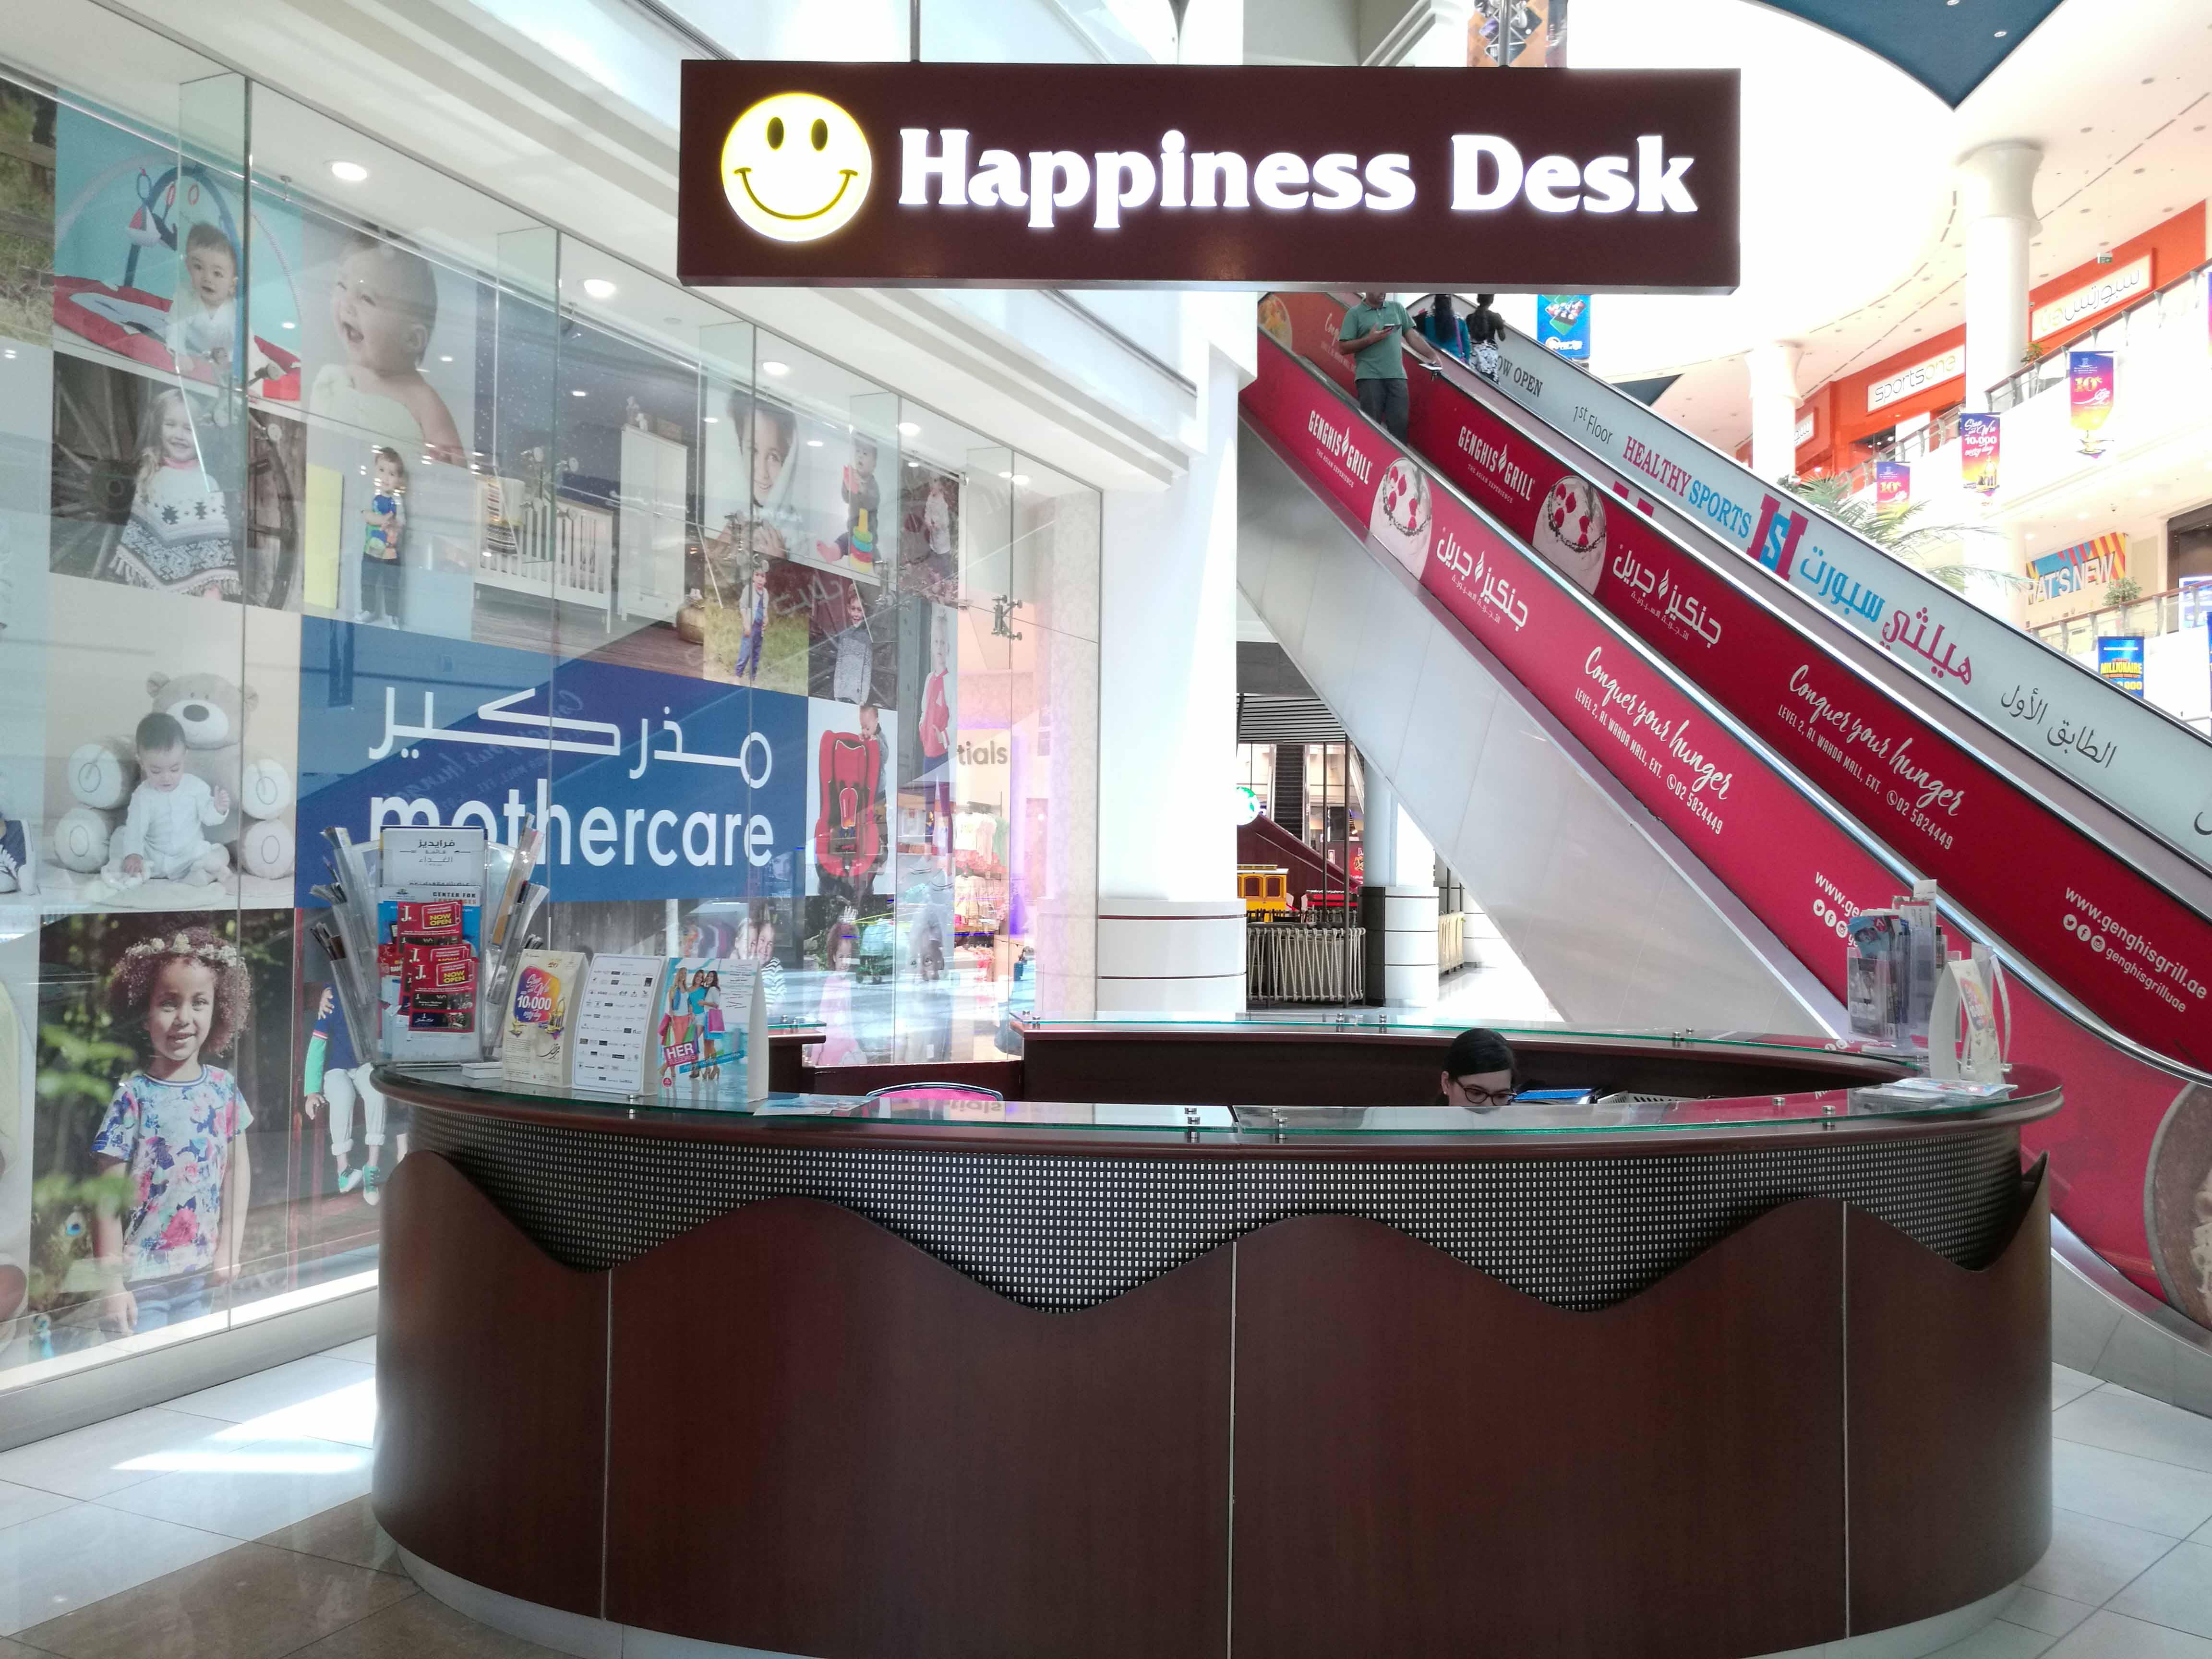 الوحدة مول في أبوظبي يفتتح مكتب السعادة